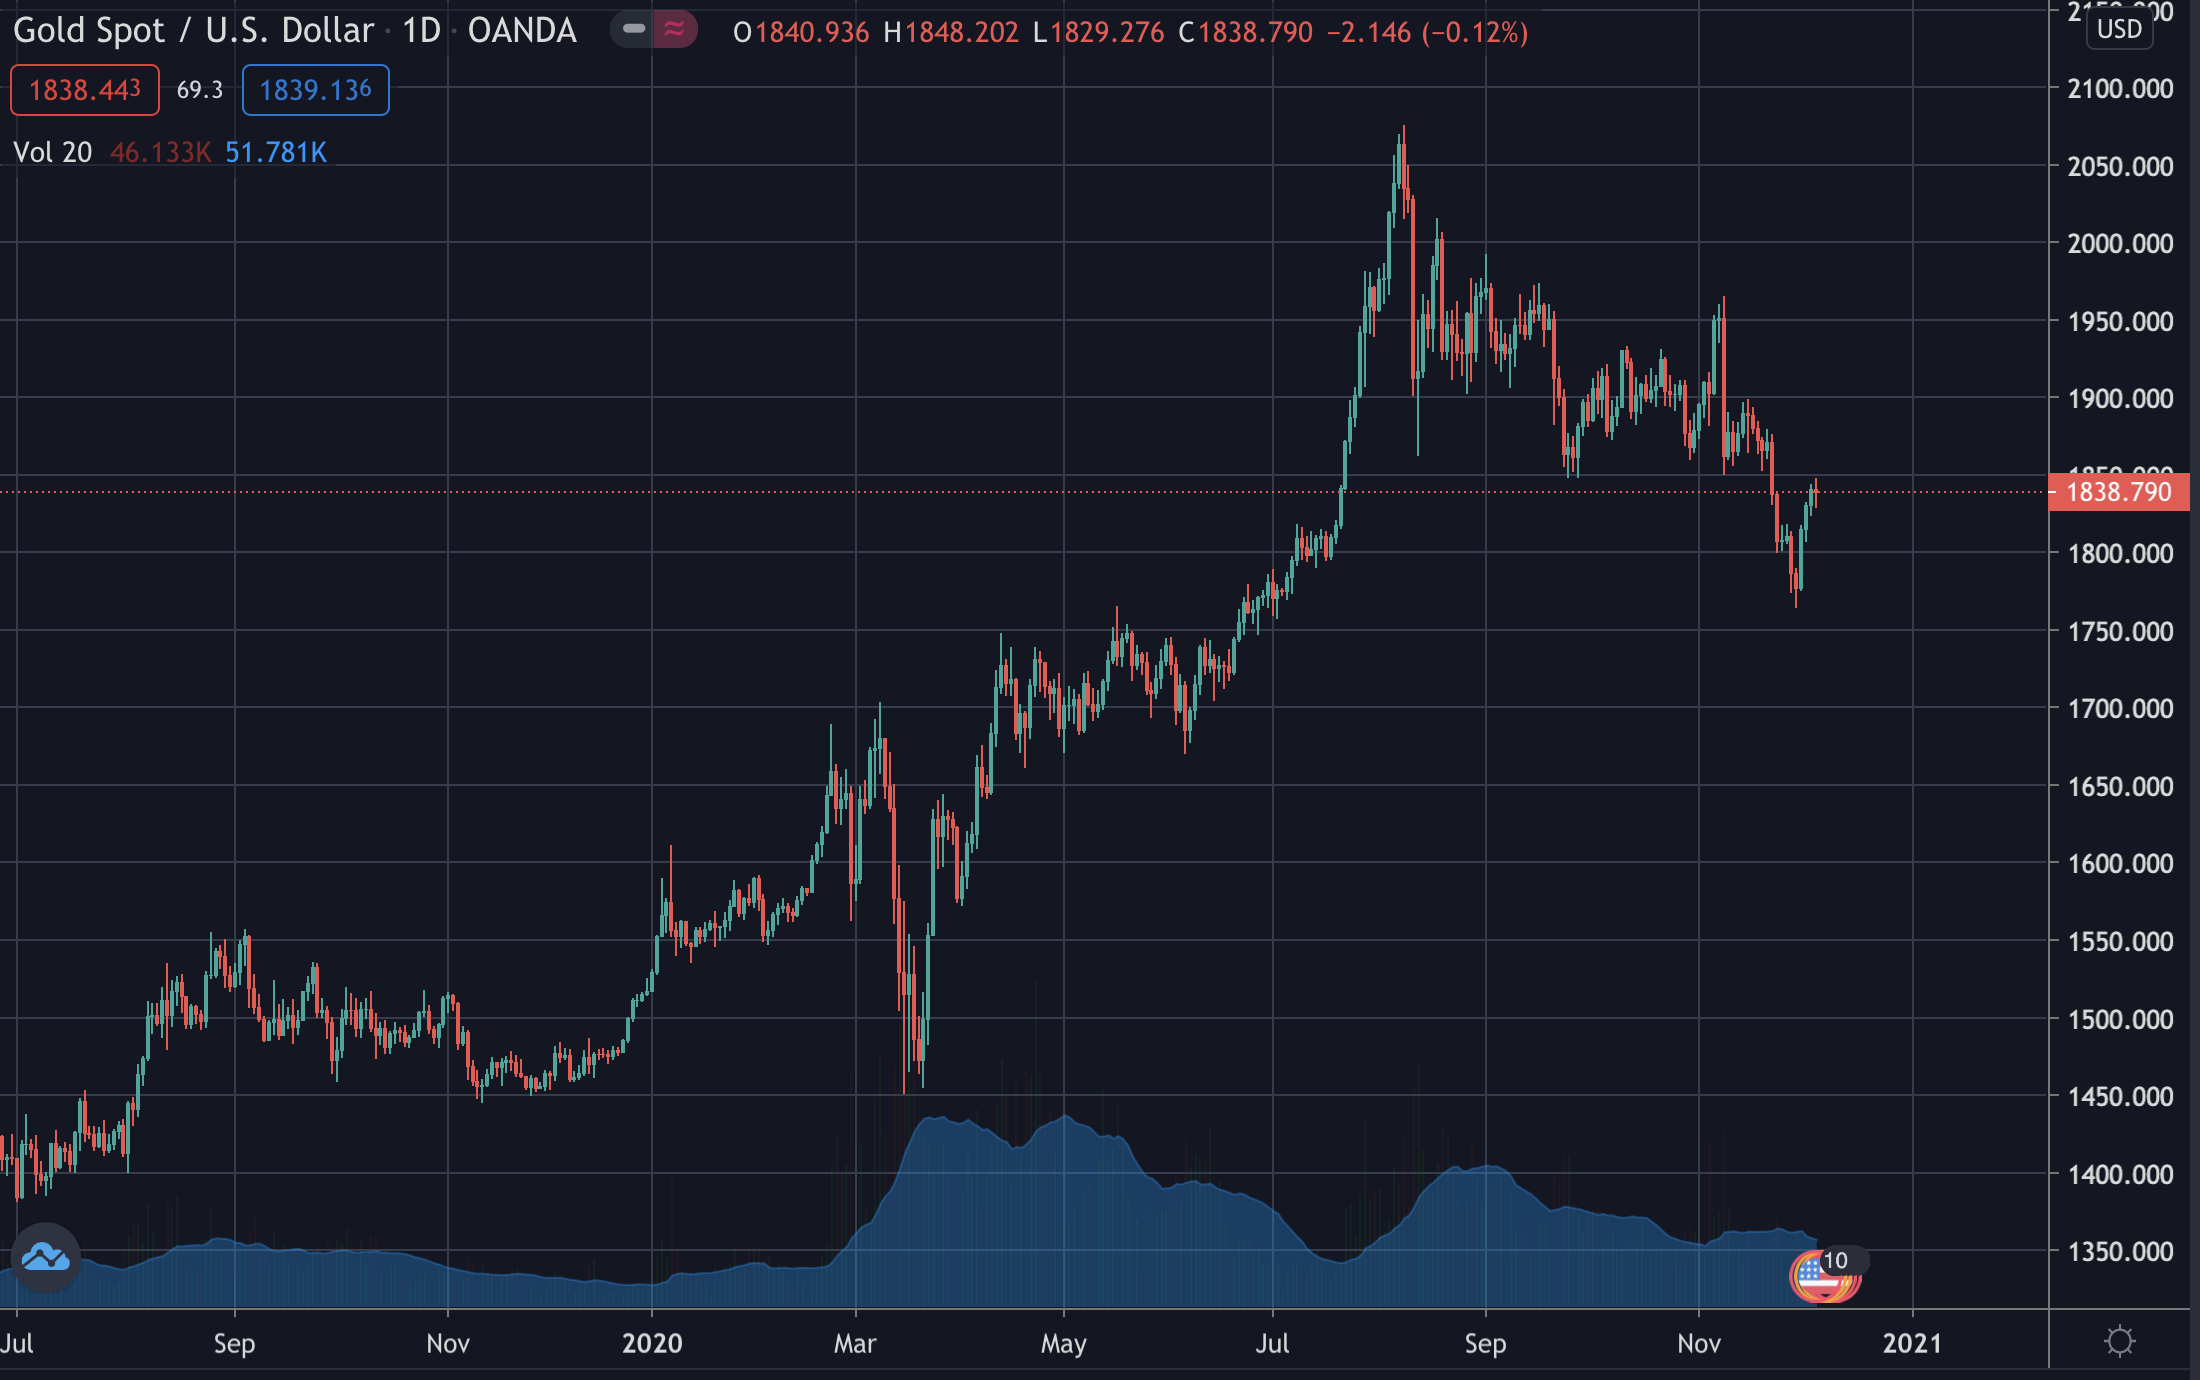 Gold's price, Dec 2020